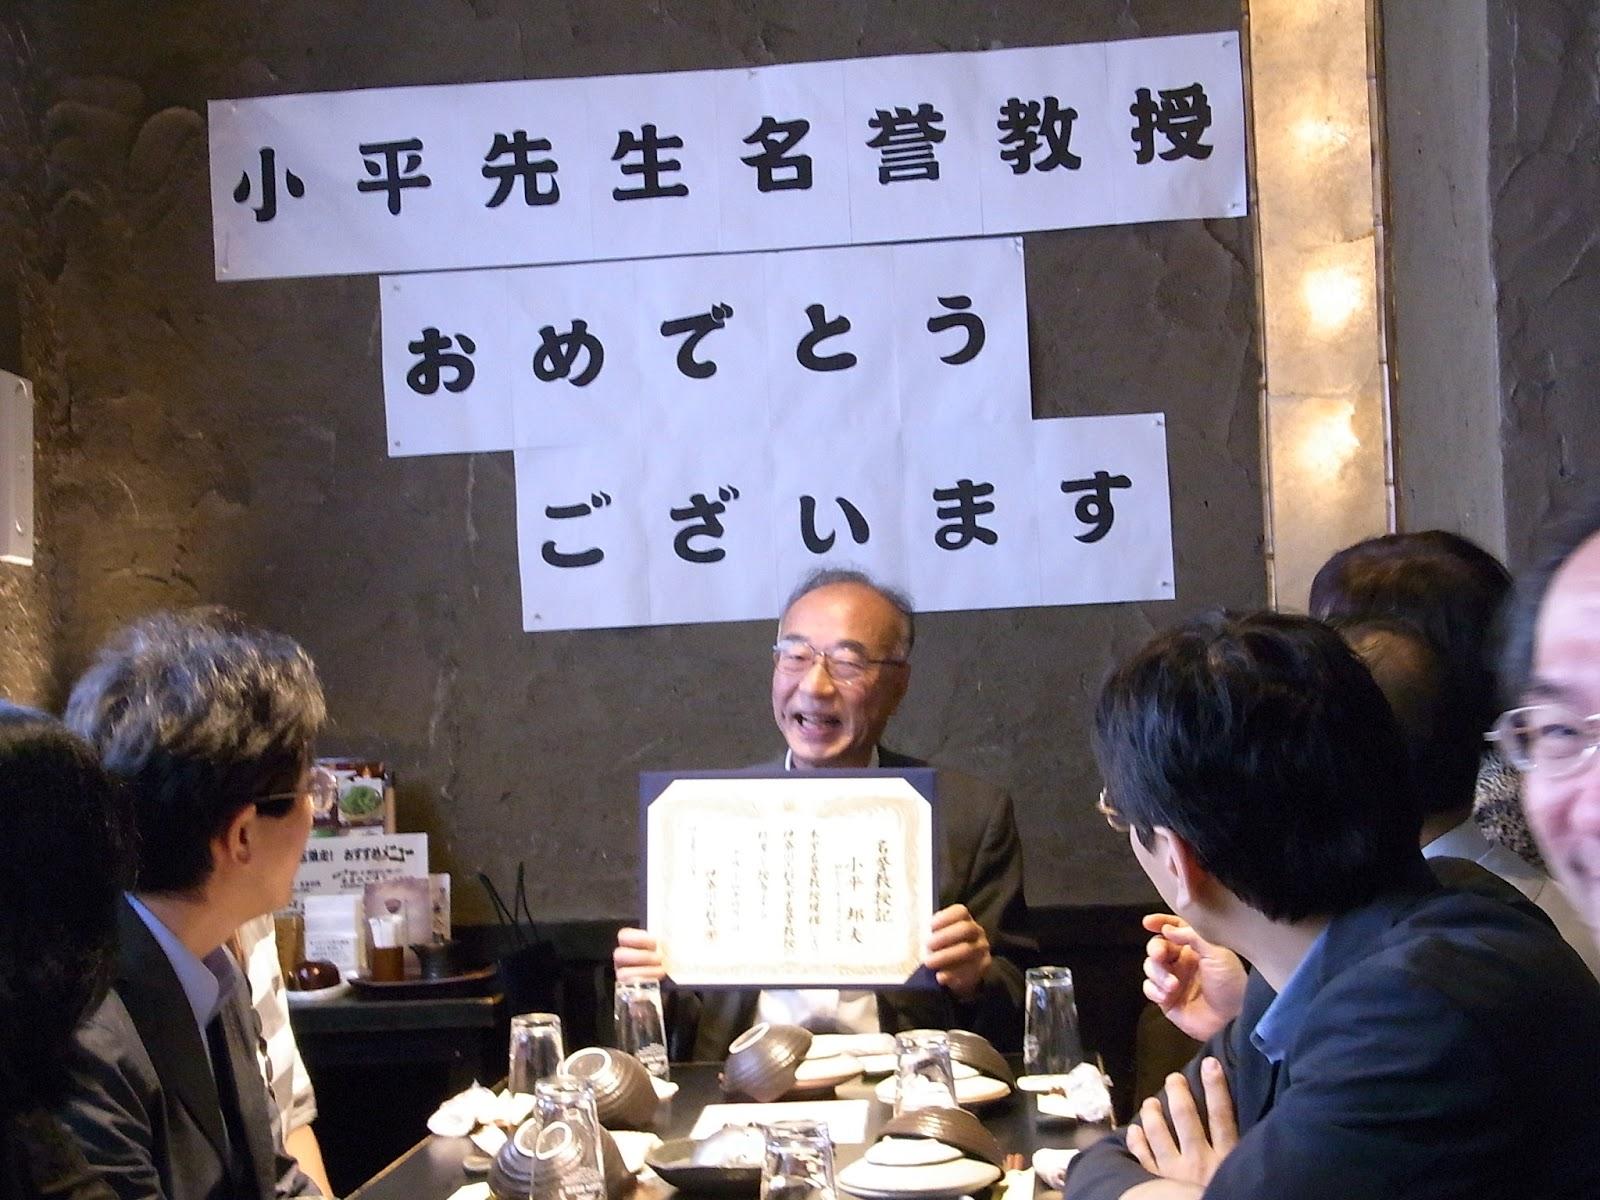 神奈川大学の人物一覧 - Japanes...